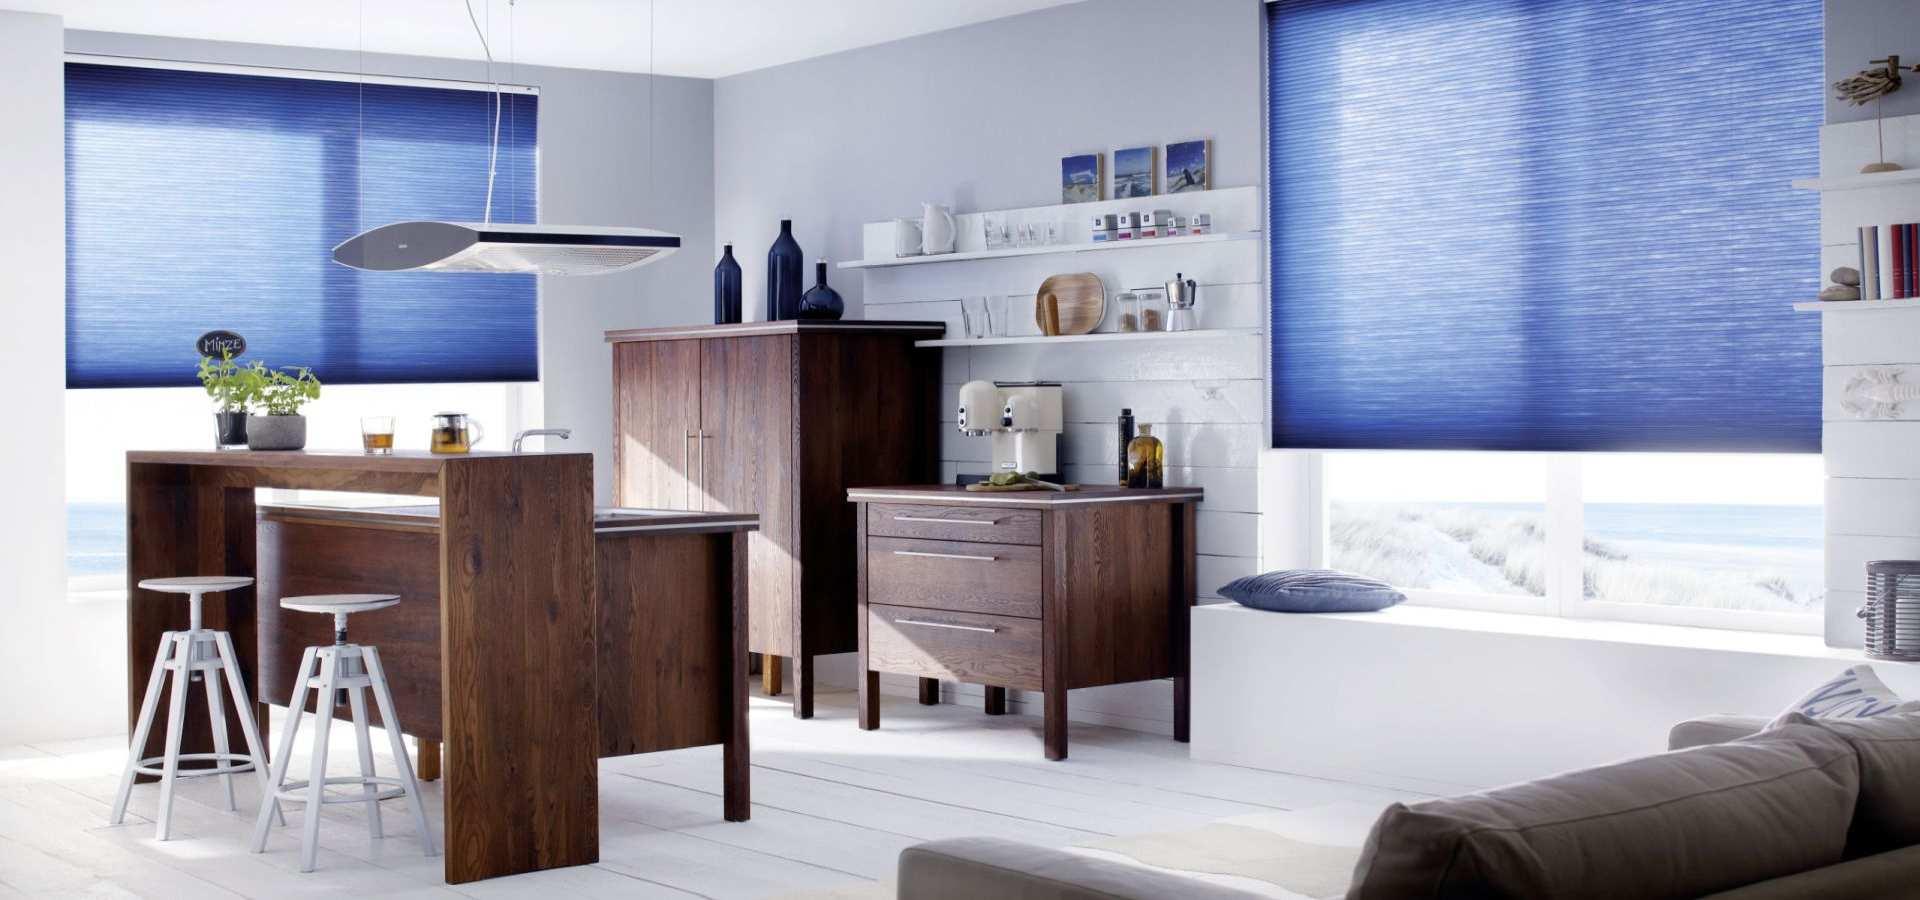 Bild Küche Duette Sonnenschutz PlisseeRollos blau